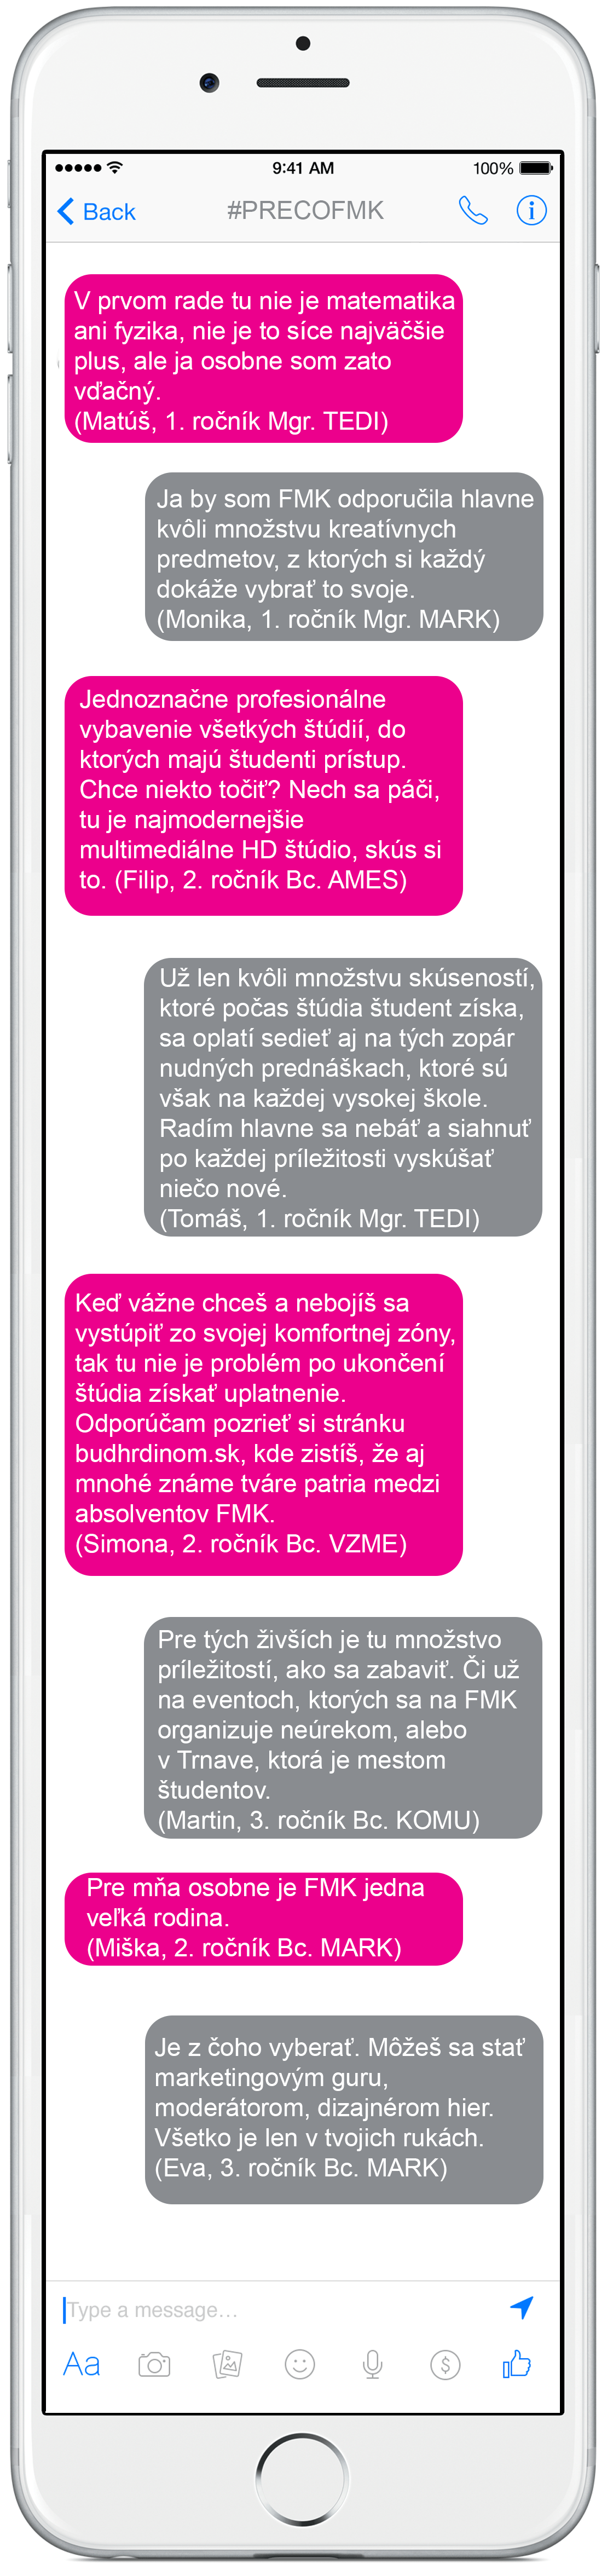 fon123